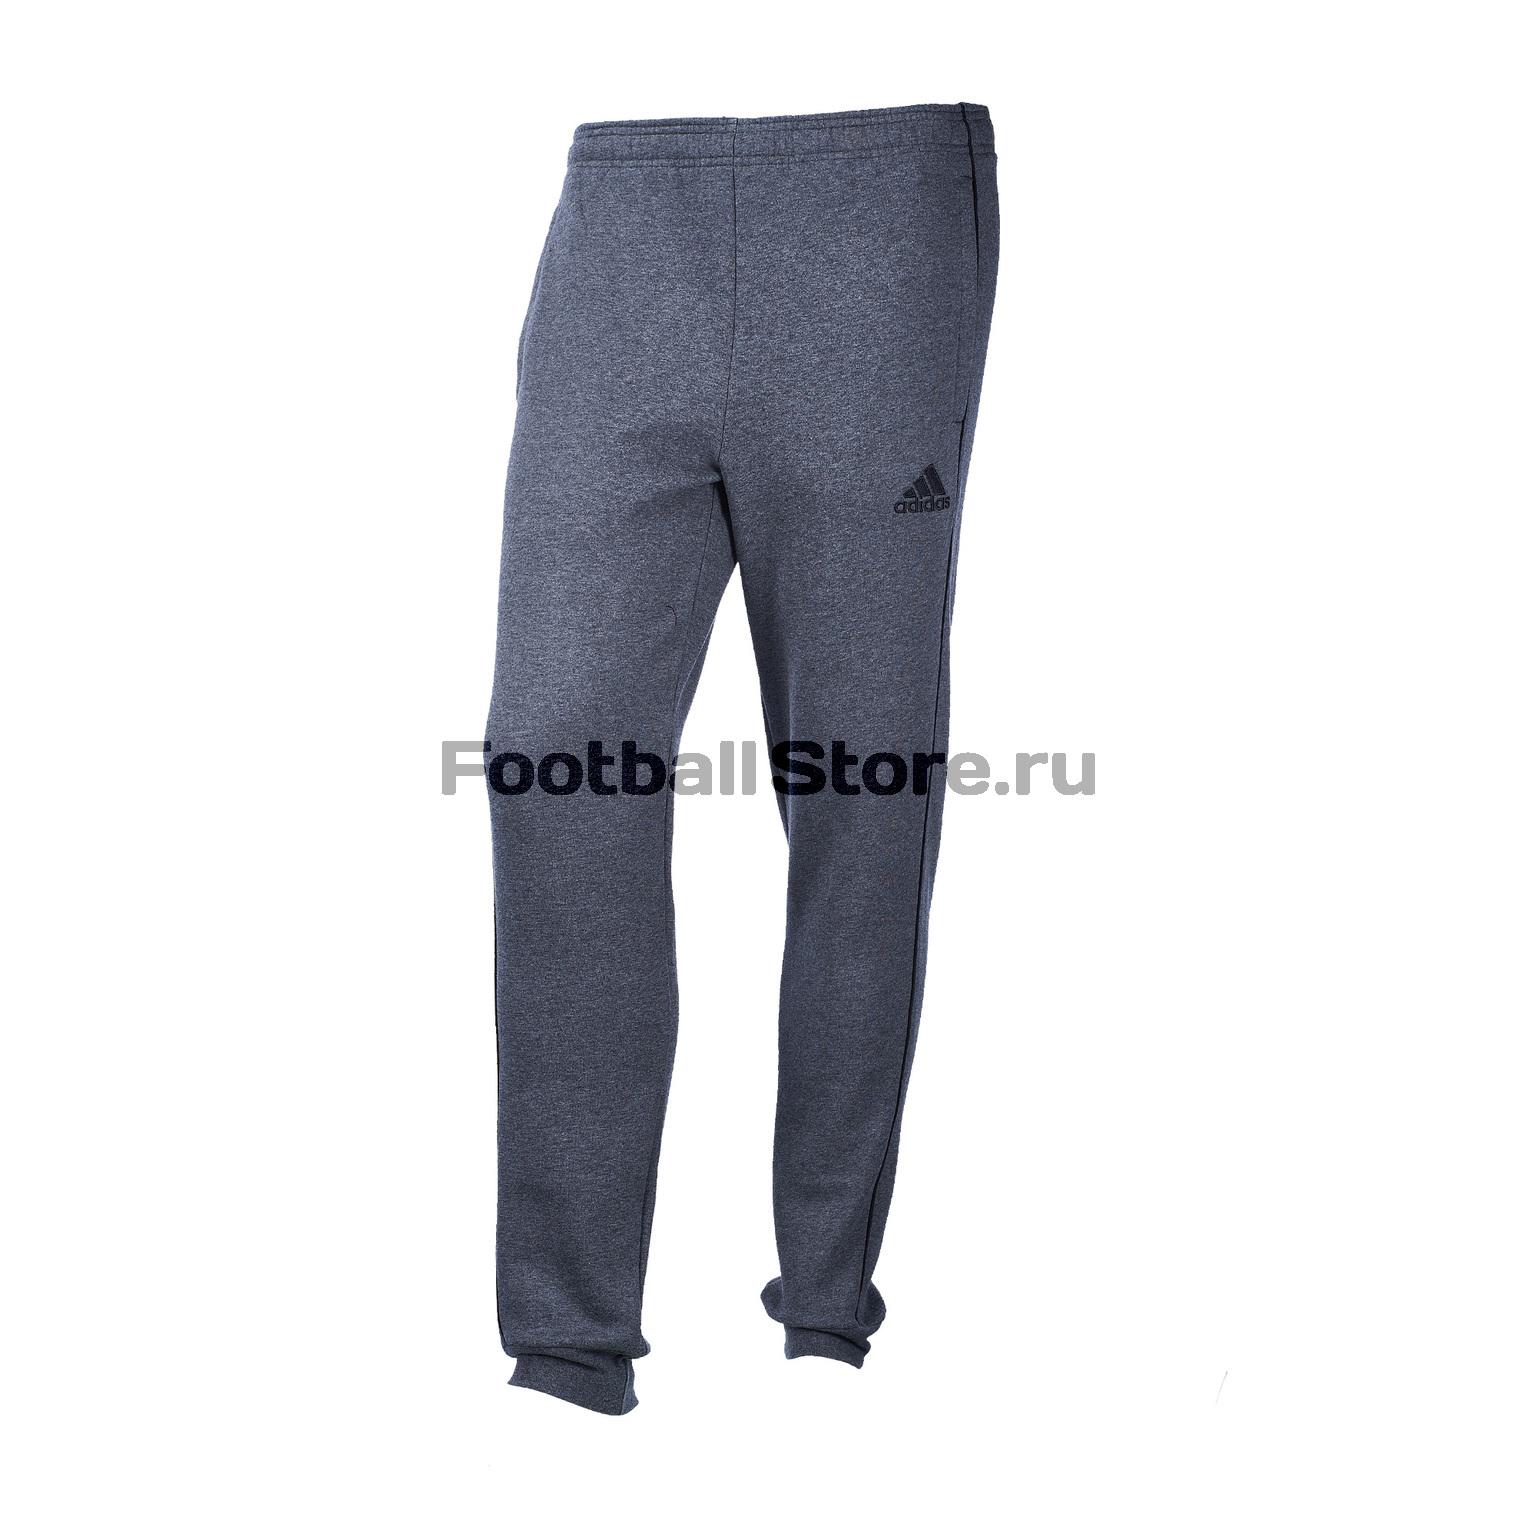 Брюки тренировочные Adidas Core18 SW Pnt CV3752 брюки тренировочные adidas tiro17 warm pnt ay2983